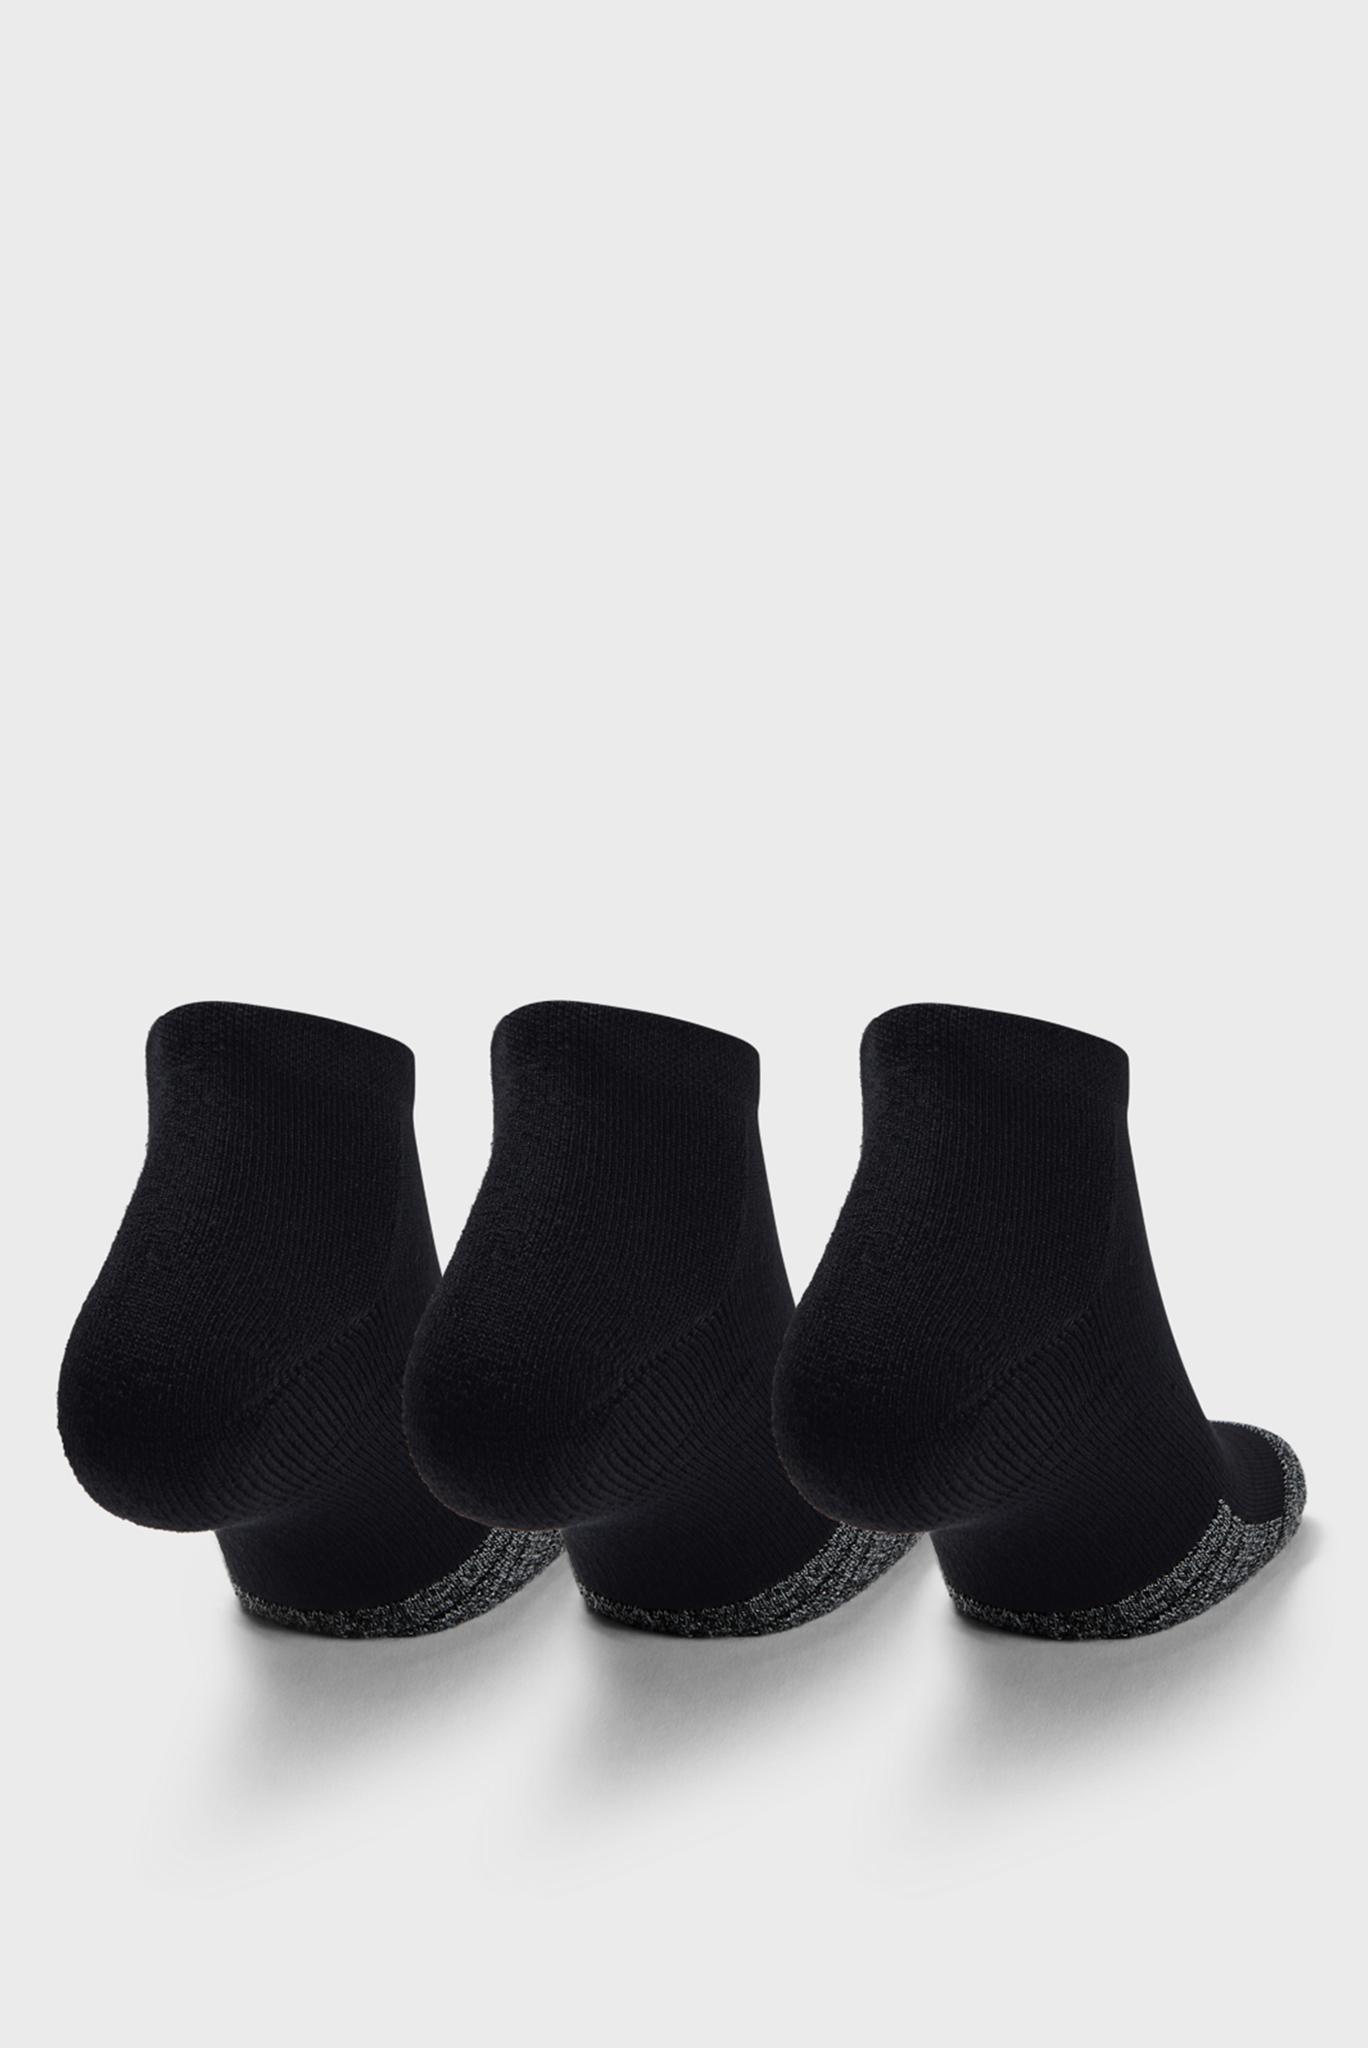 Черные носки (3 пары) UA Heatgear Locut Under Armour